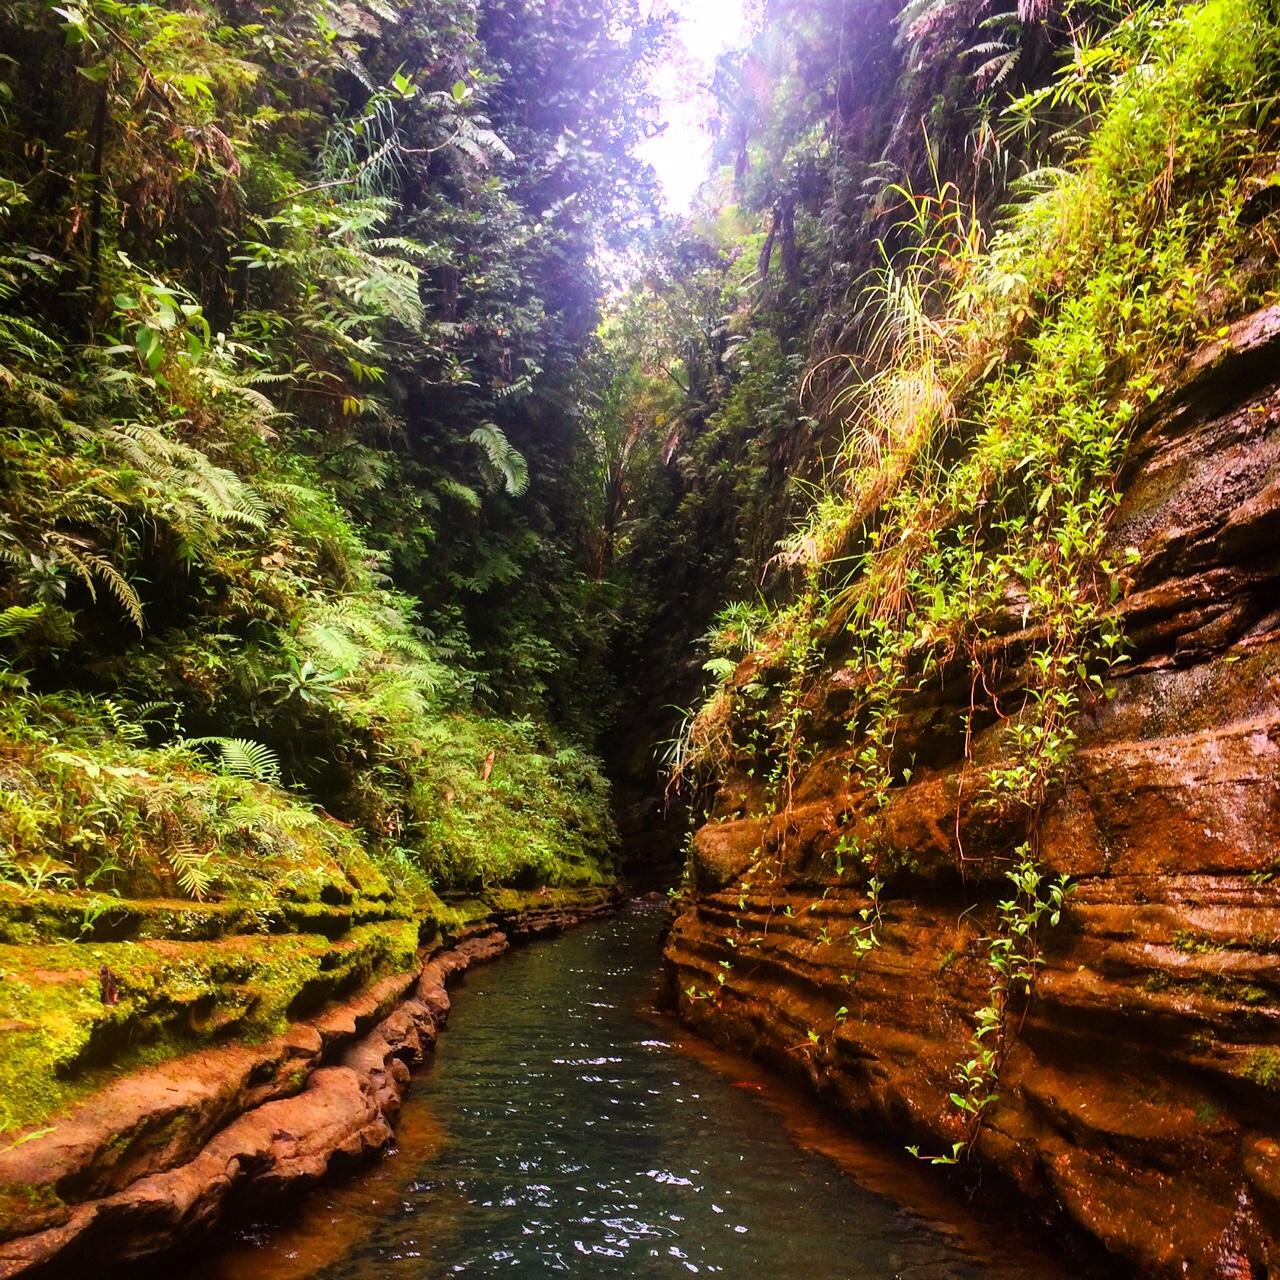 The upper Navua River Nature Conservatory in Viti Levu, Fiji